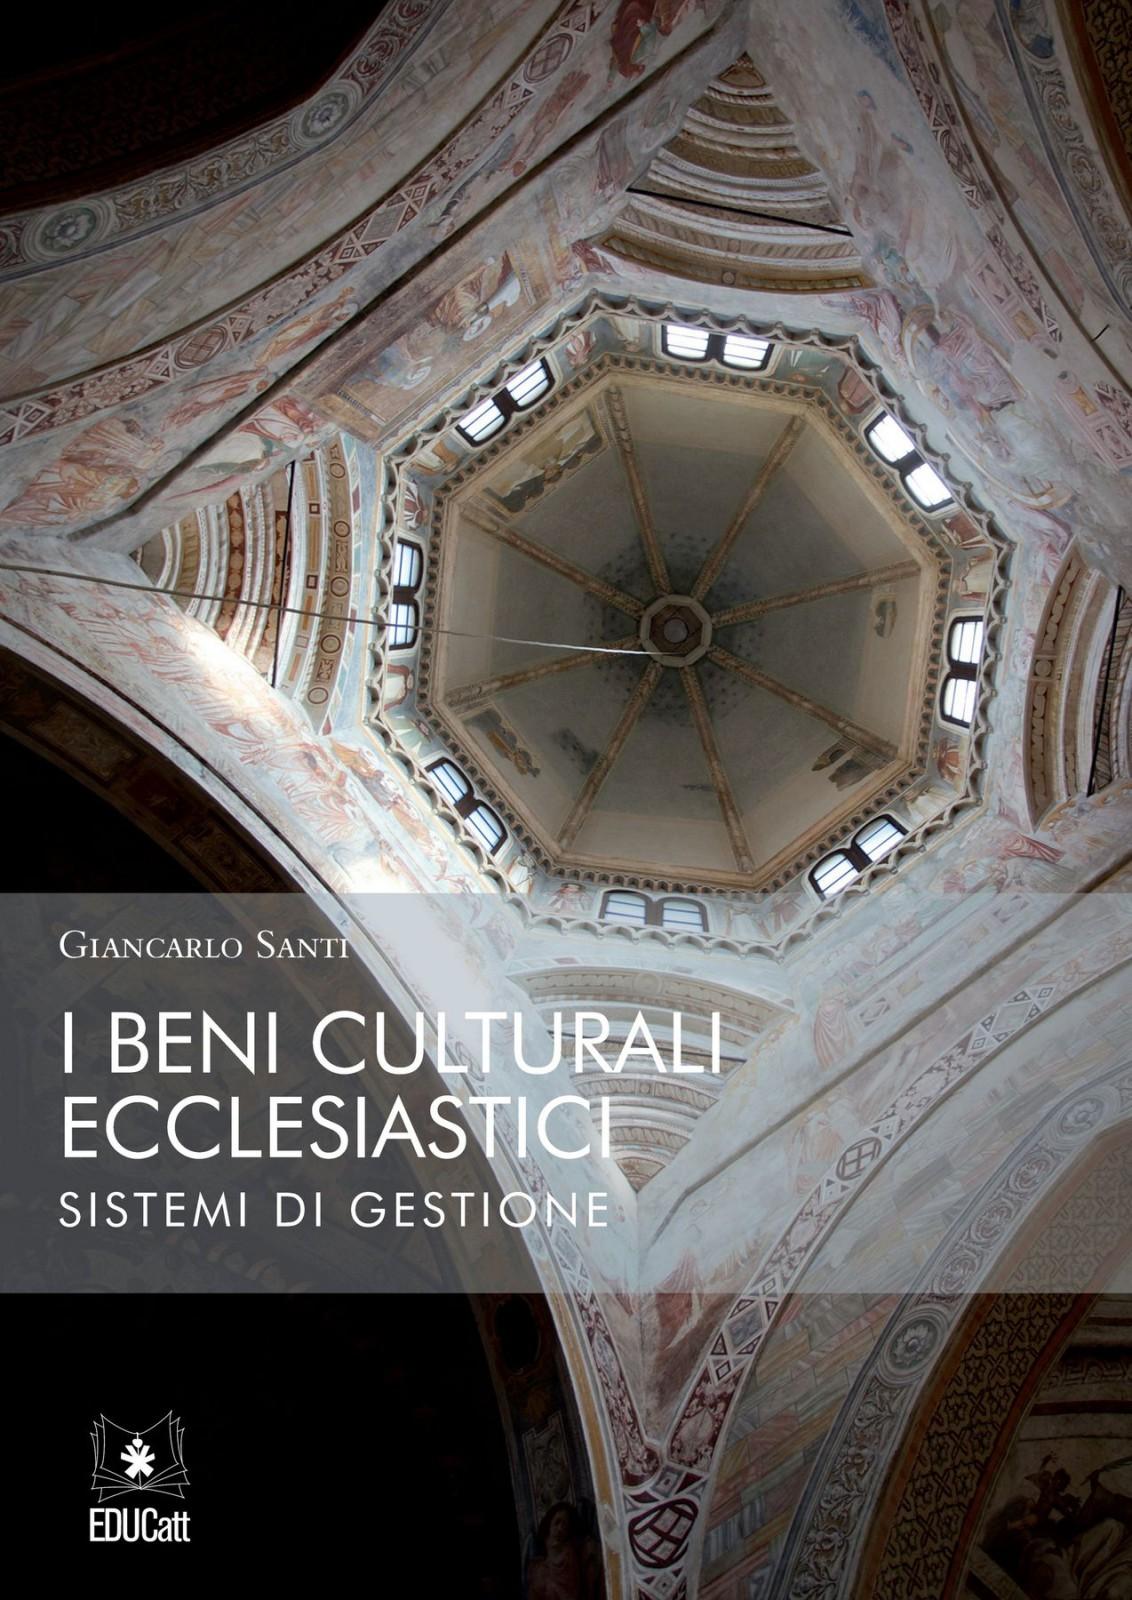 I BENI CULTURALI ECCLESIASTICI SISTEMI DI GESTIONE 2016